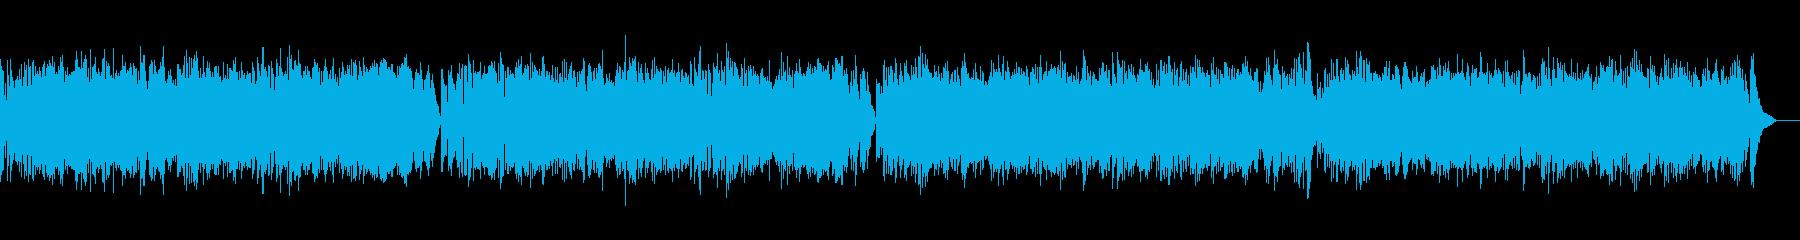 自由で風雅なチェンバロ バロック・高音質の再生済みの波形